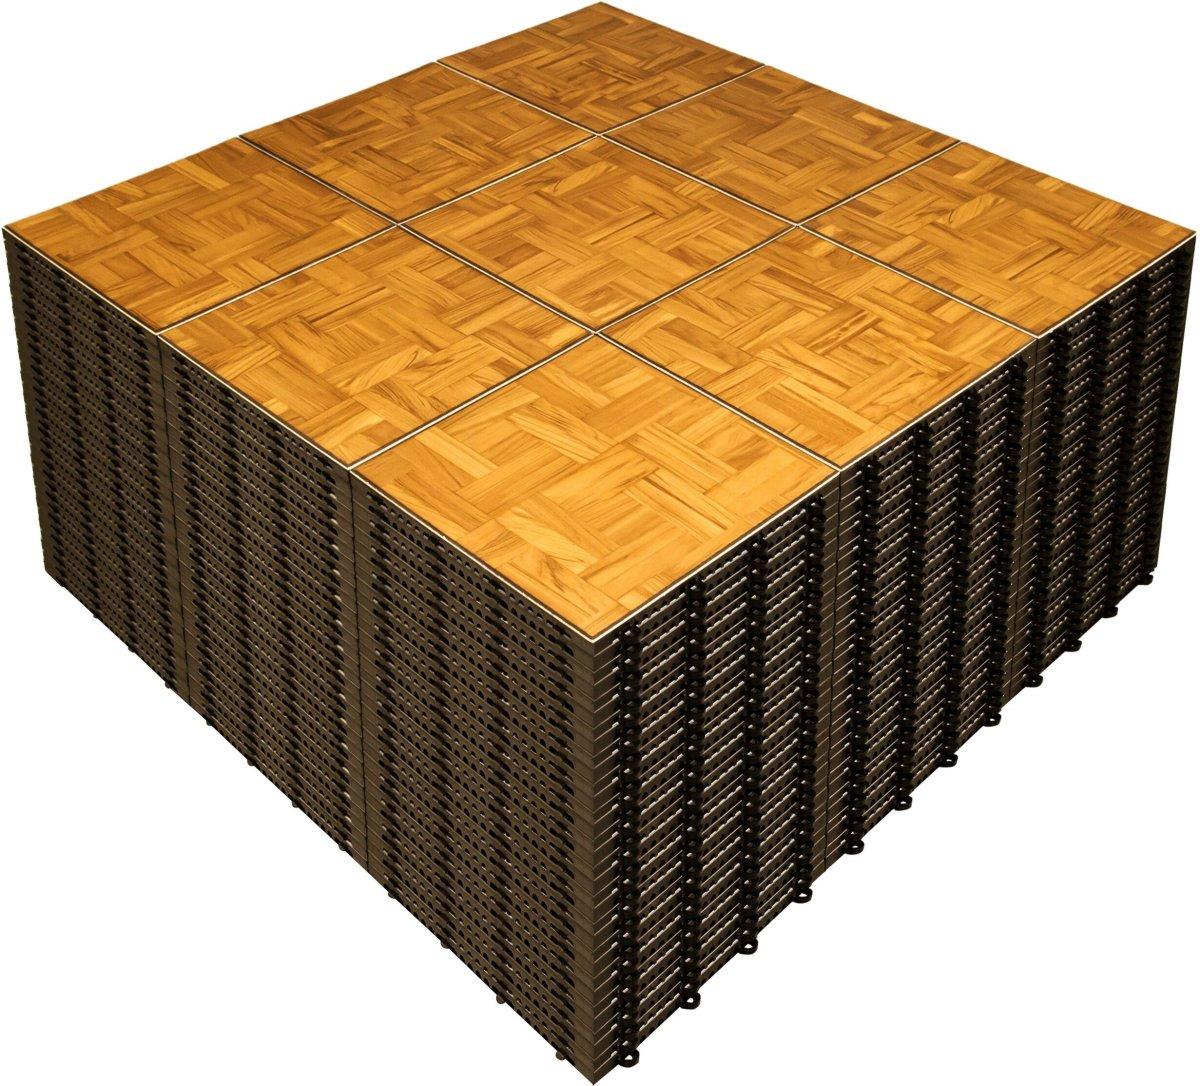 Dance Floor Tiles, Event Tiles